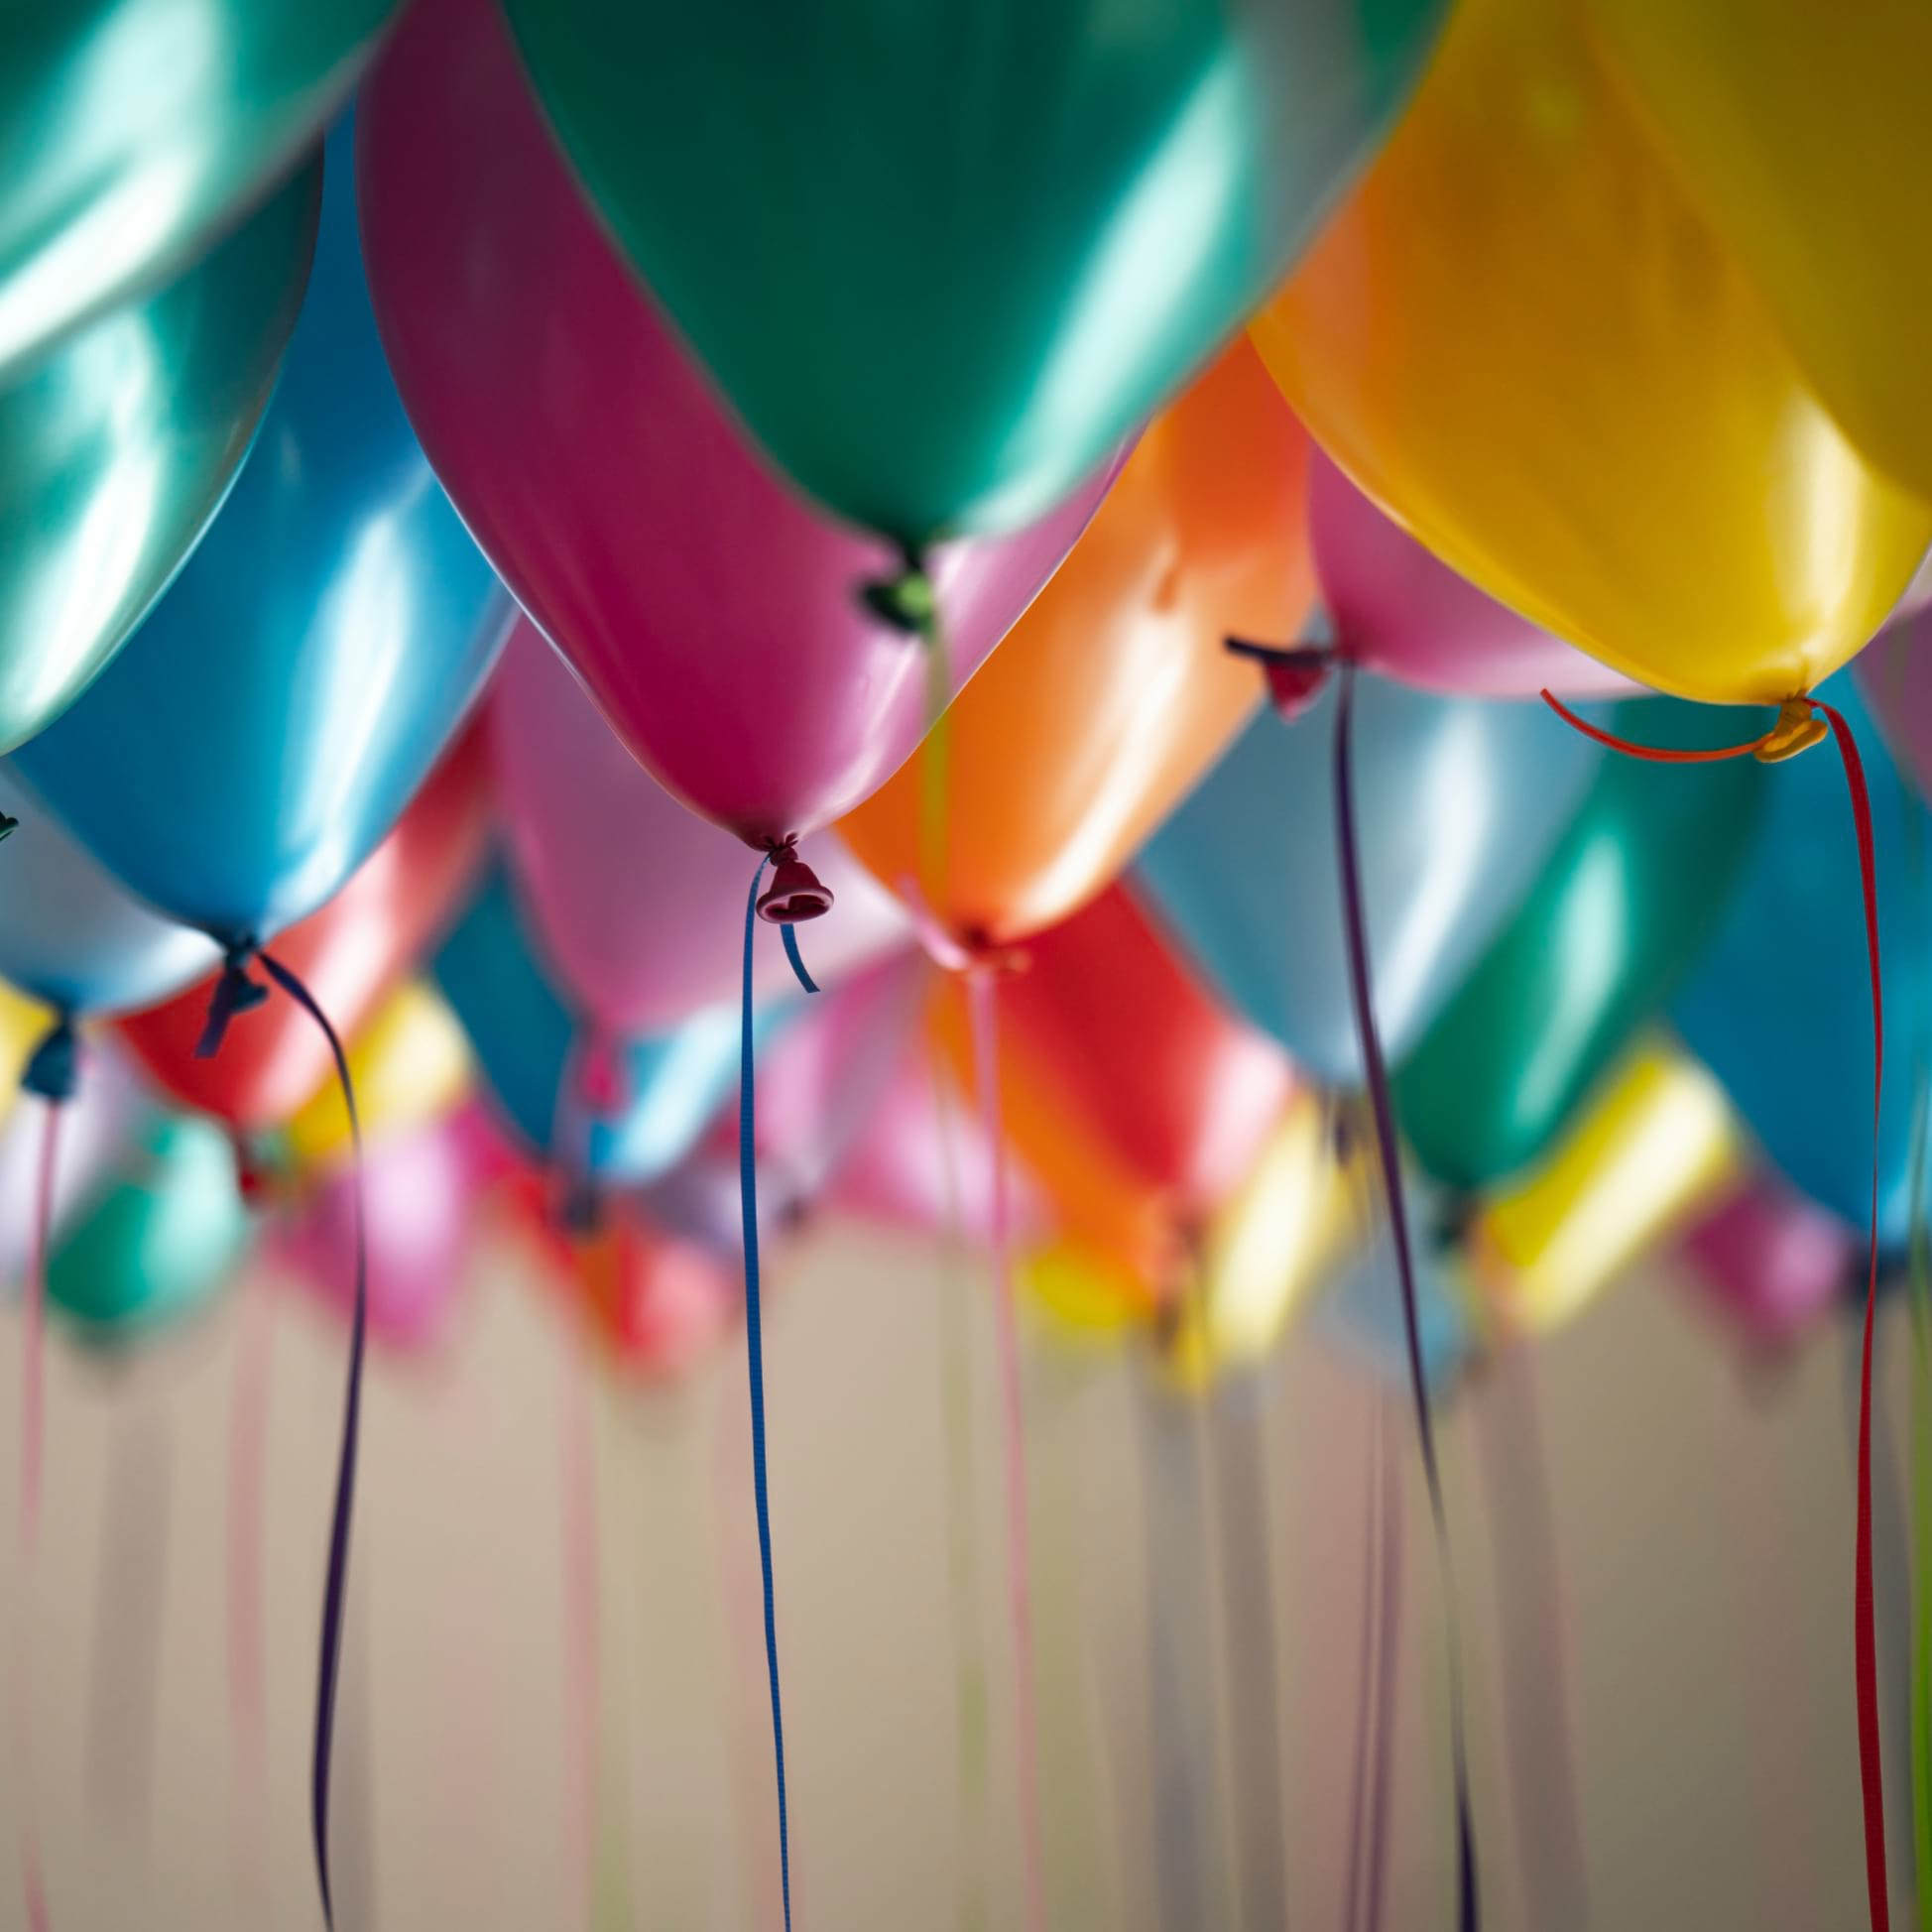 party-time-petreceri-copii-sibiu-decor-baloane-colorate